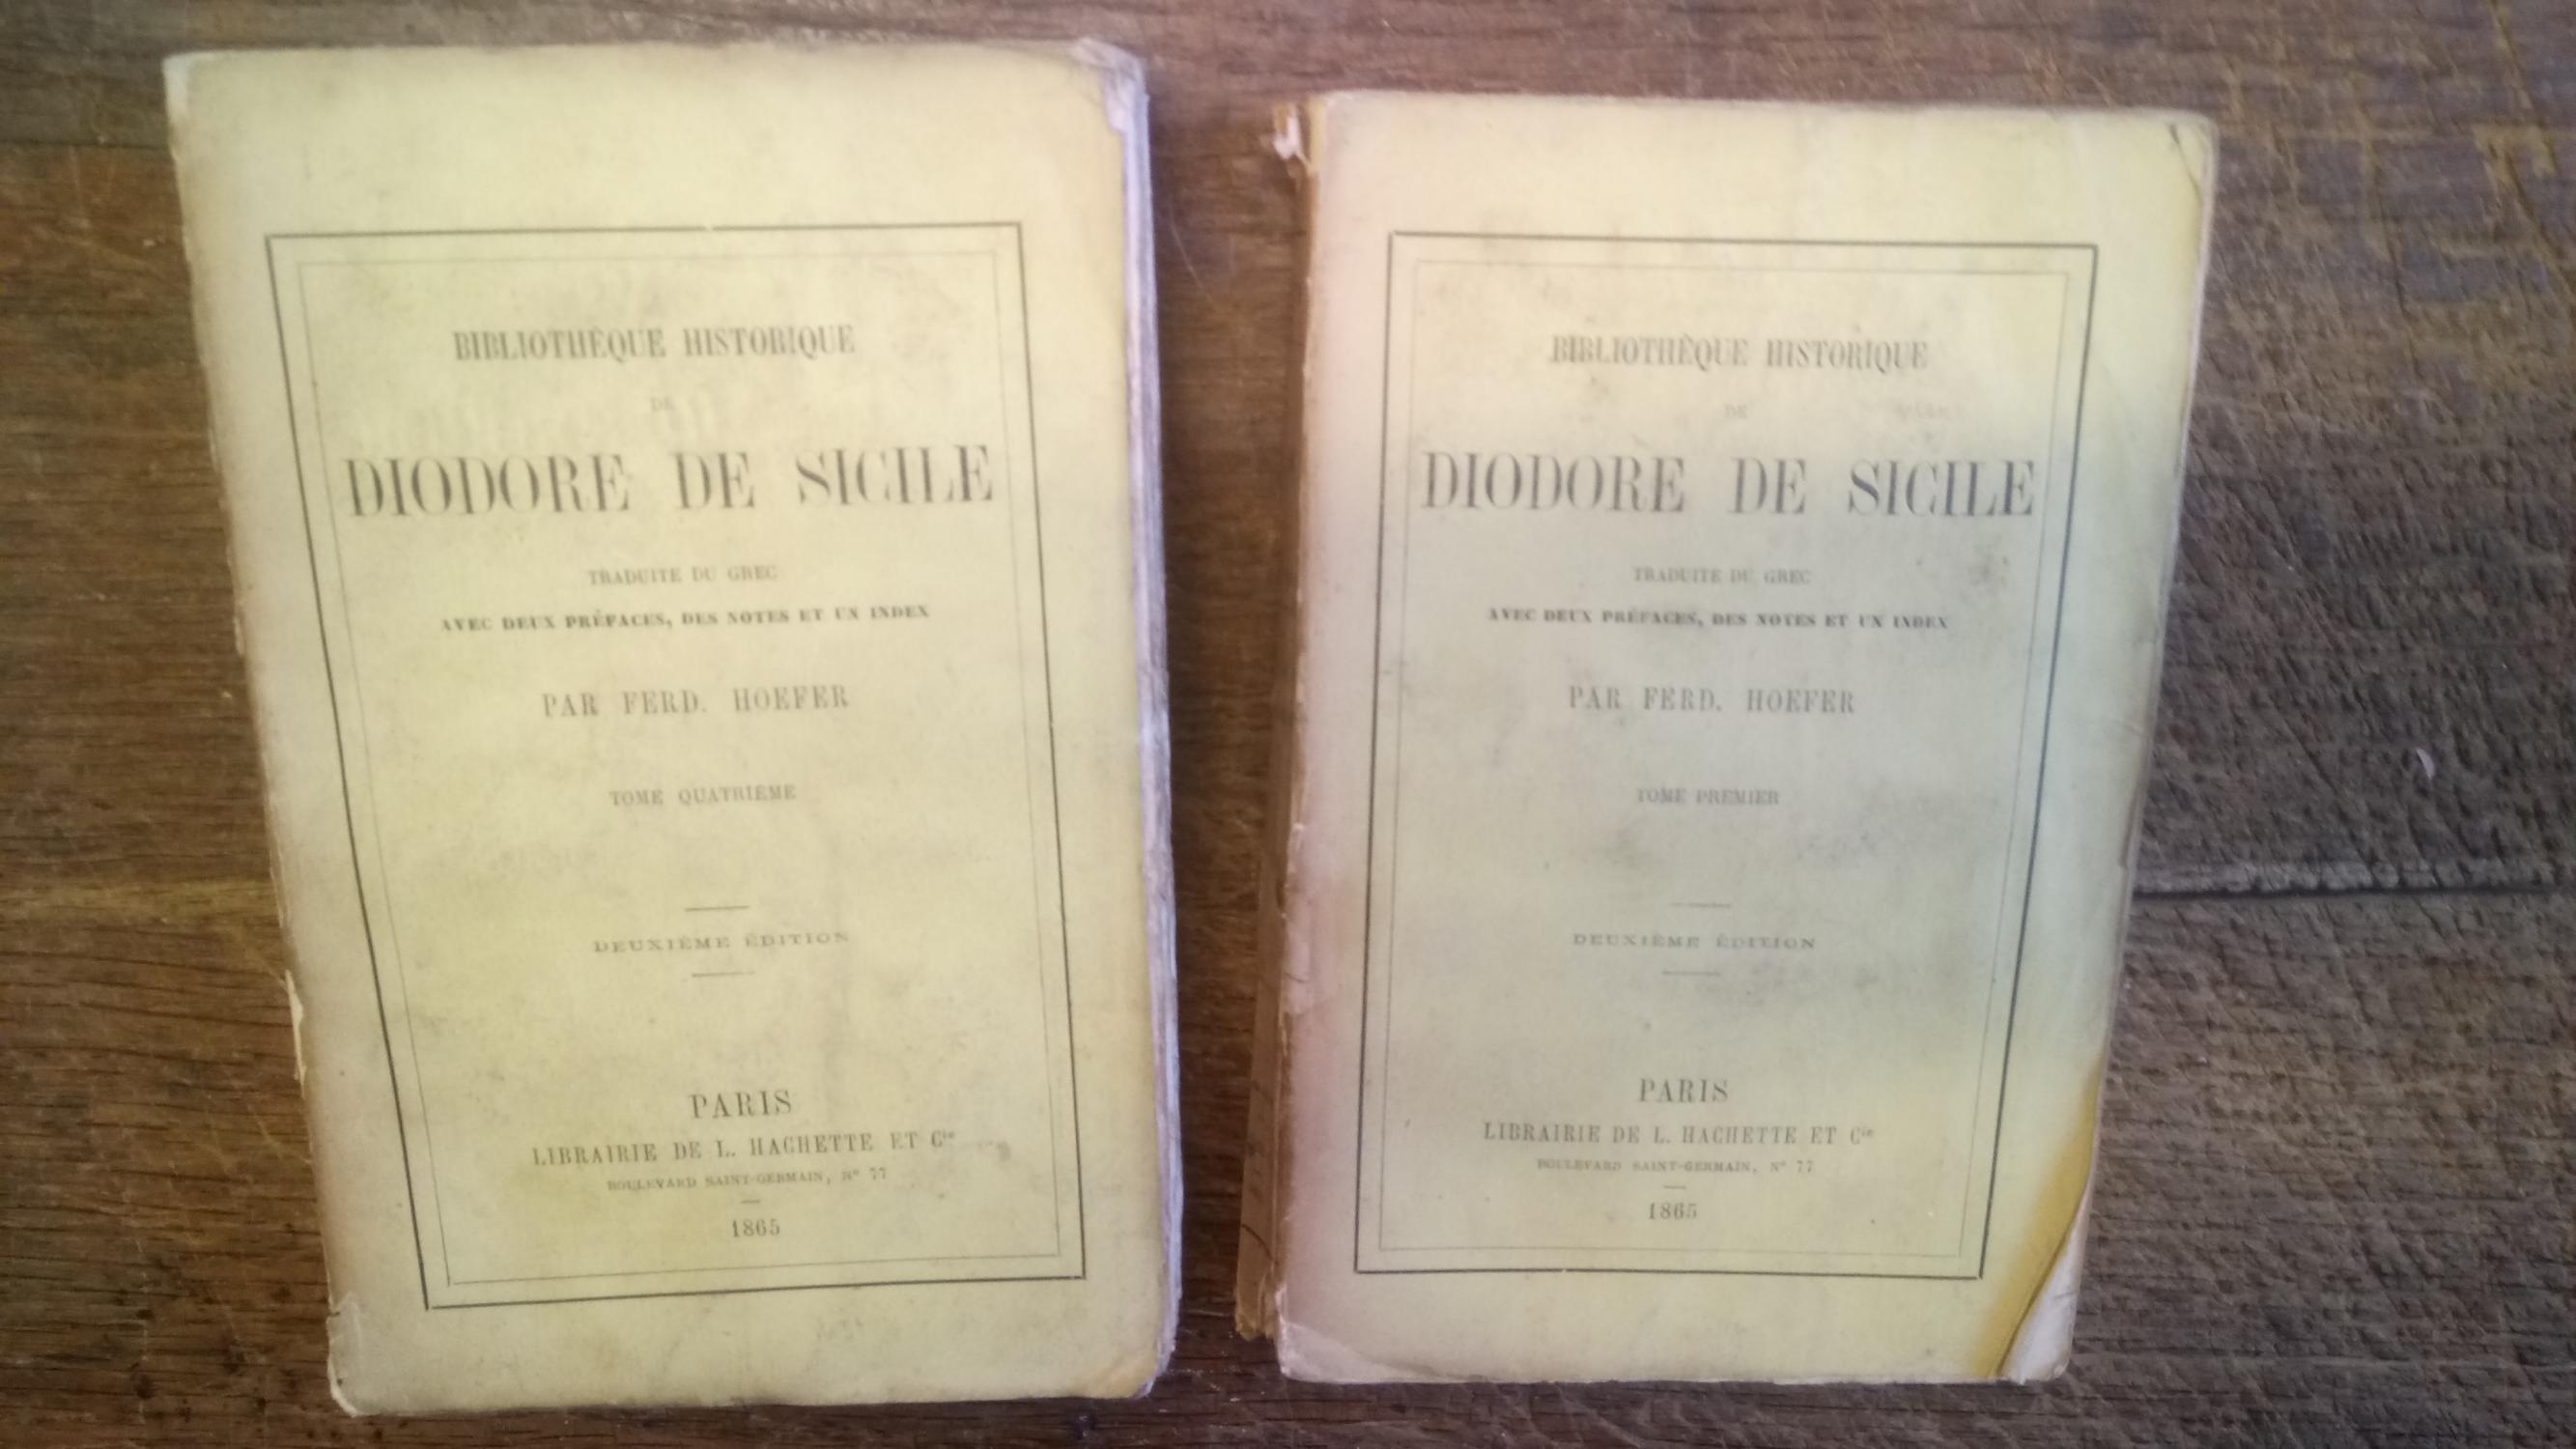 Bibliothèque historique de Diodore de Sicile Tomes 1 et 4 - traduite du grec avec deux préfaces , des notes et un index par Ferd. Hoefer -